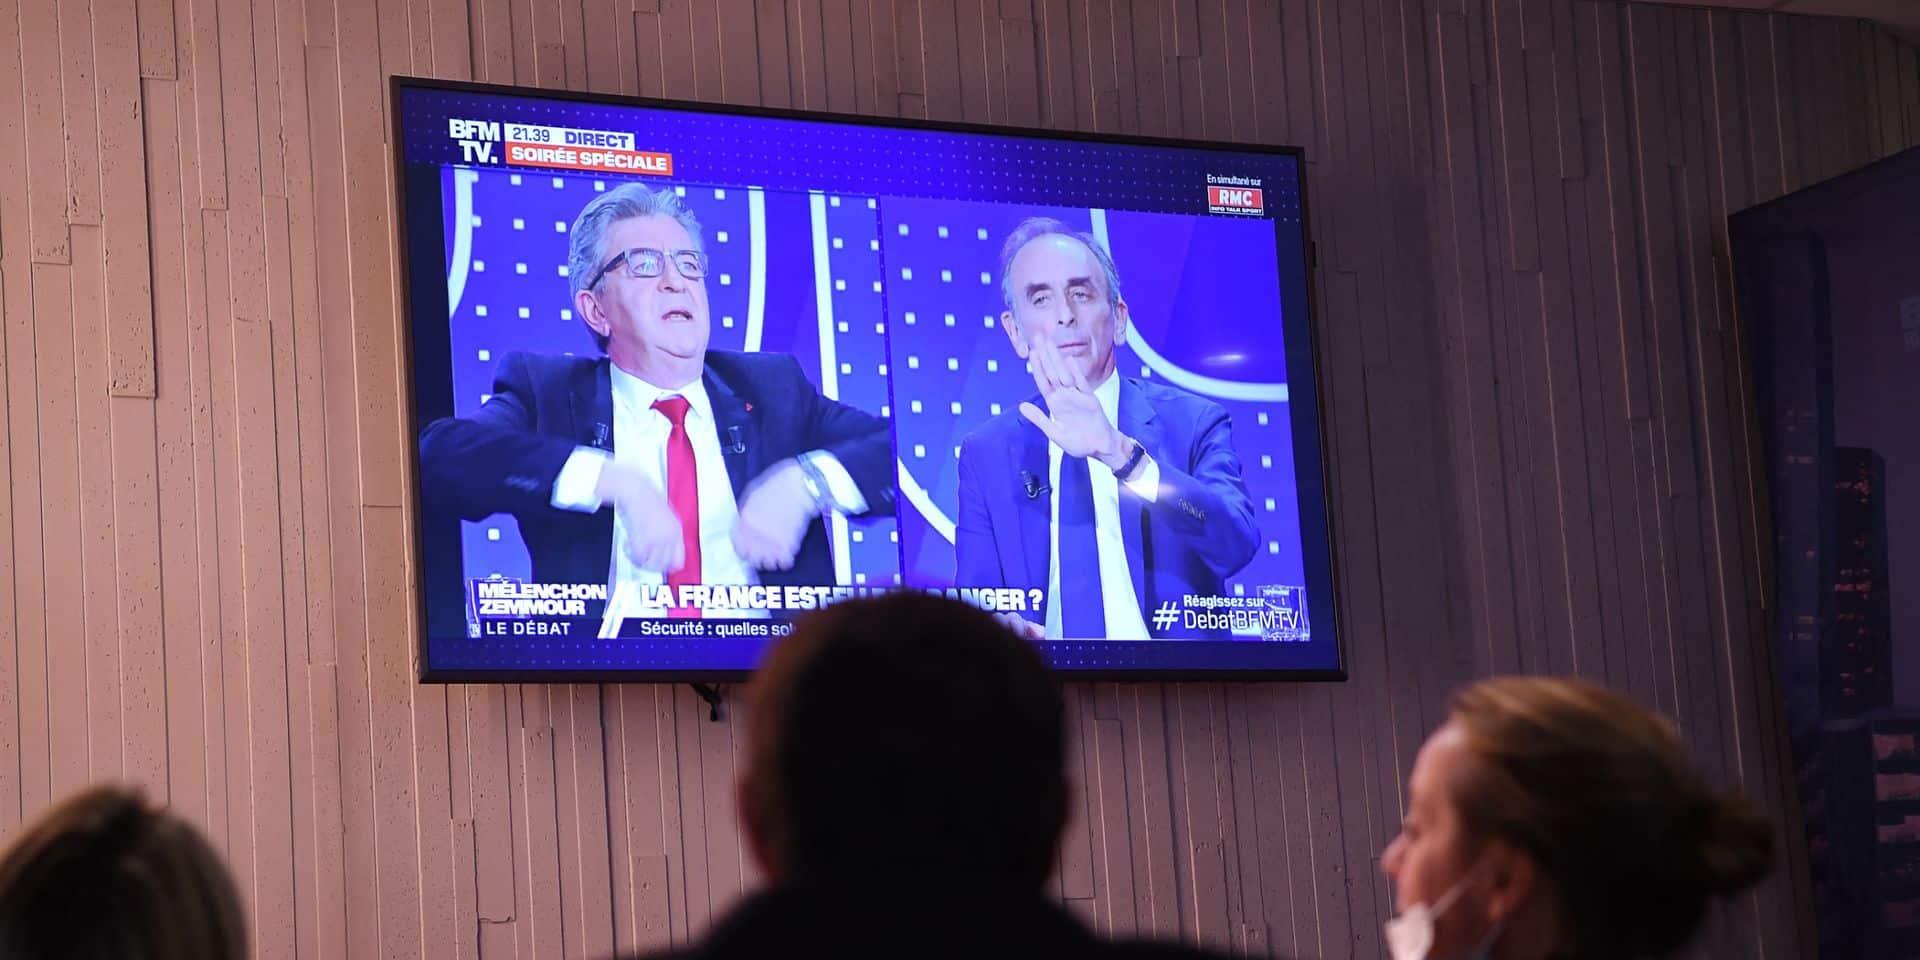 Carton d'audience pour le débat de BFM: un effet Eric Zemmour dans les médias?